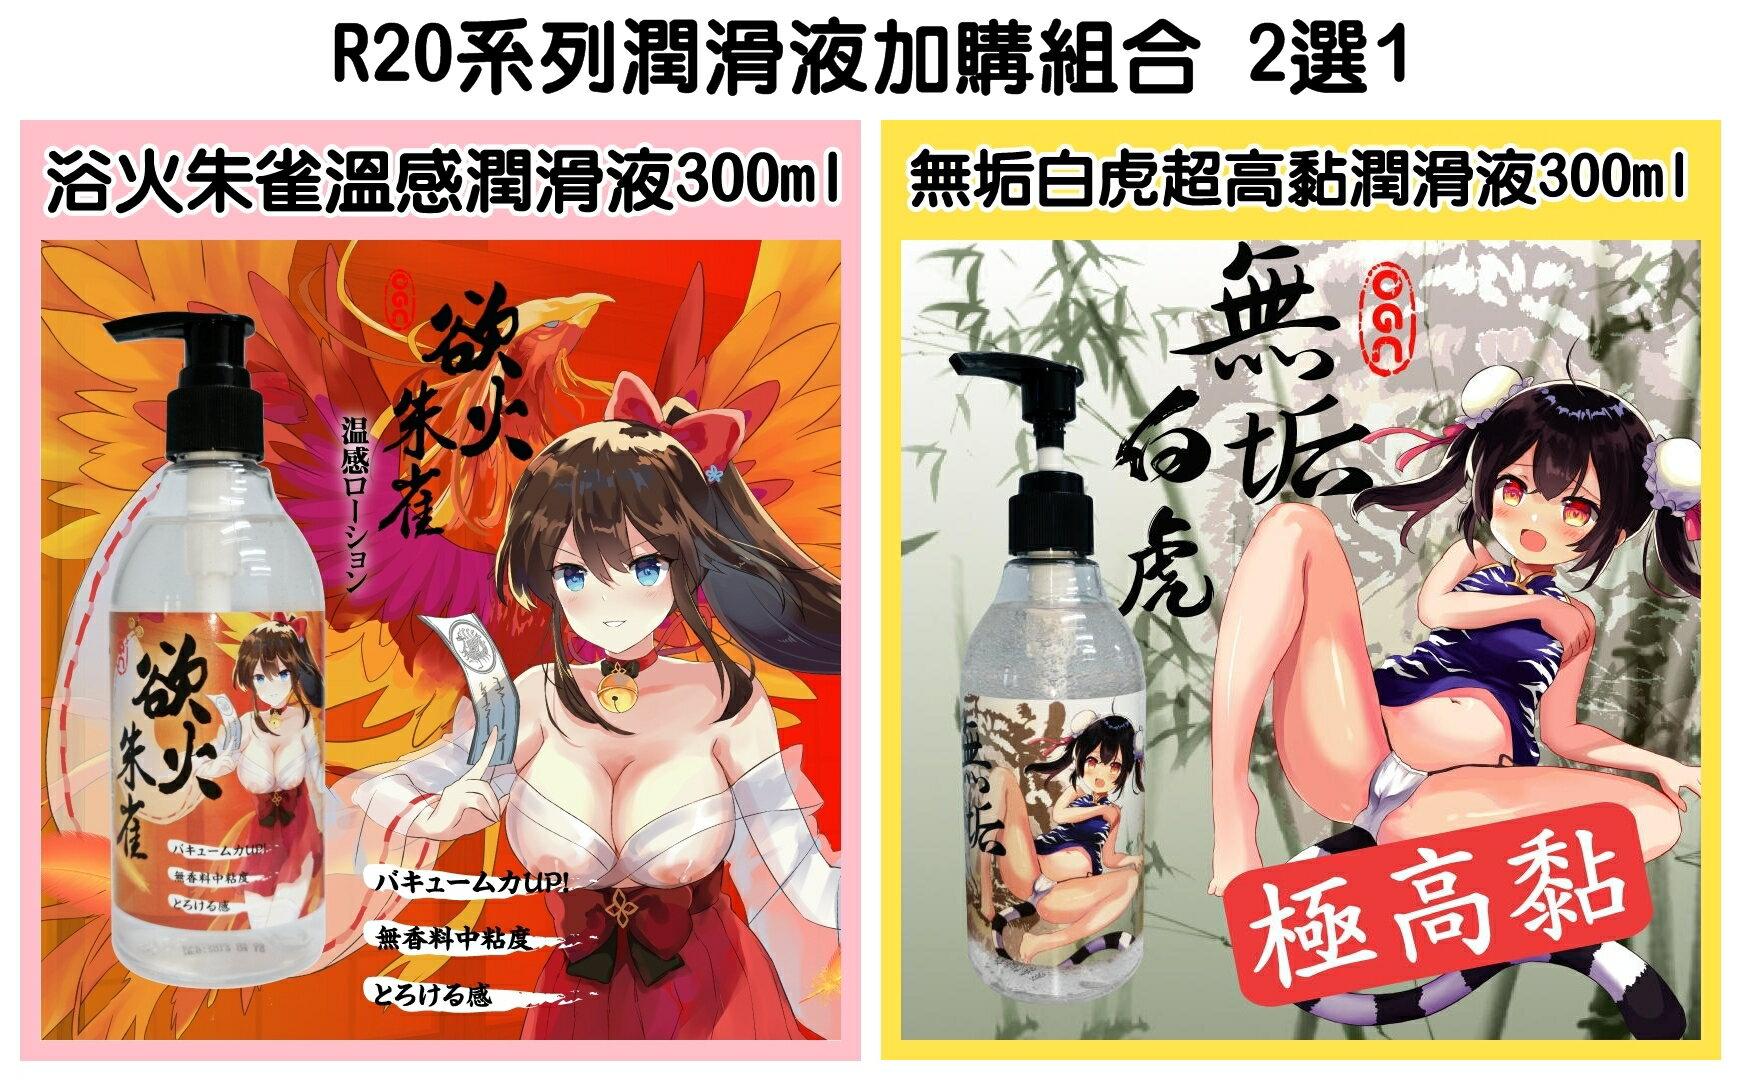 【現貨】TH。R20 第三代 飛機杯 日本直送 日本進口 防偽標籤 日本正版【OGC情趣用品】 5